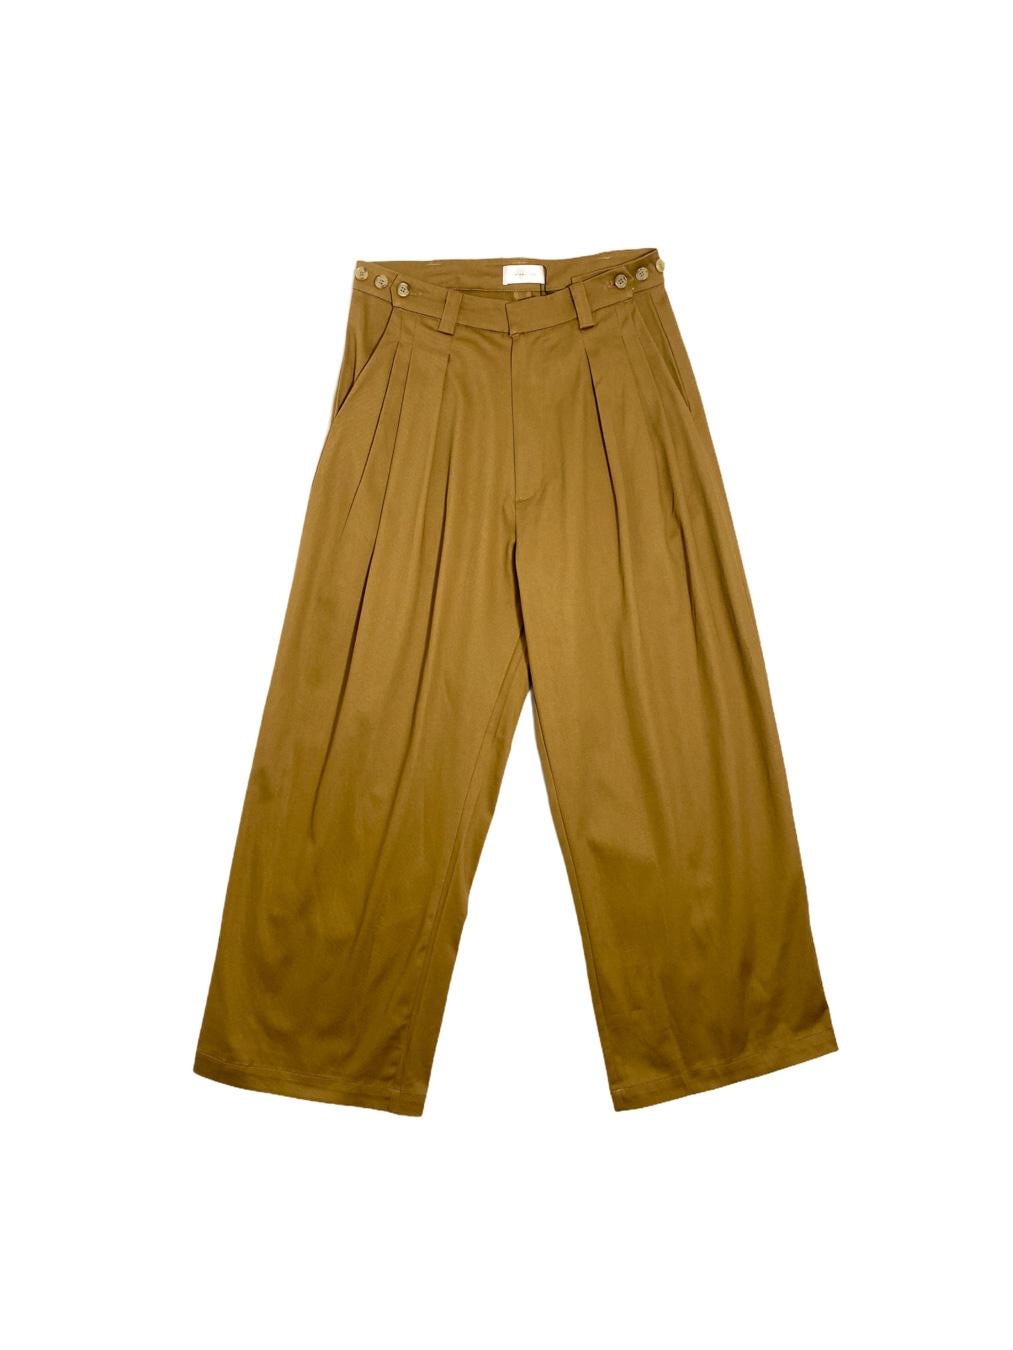 Mine Pants (Peanut Brown)